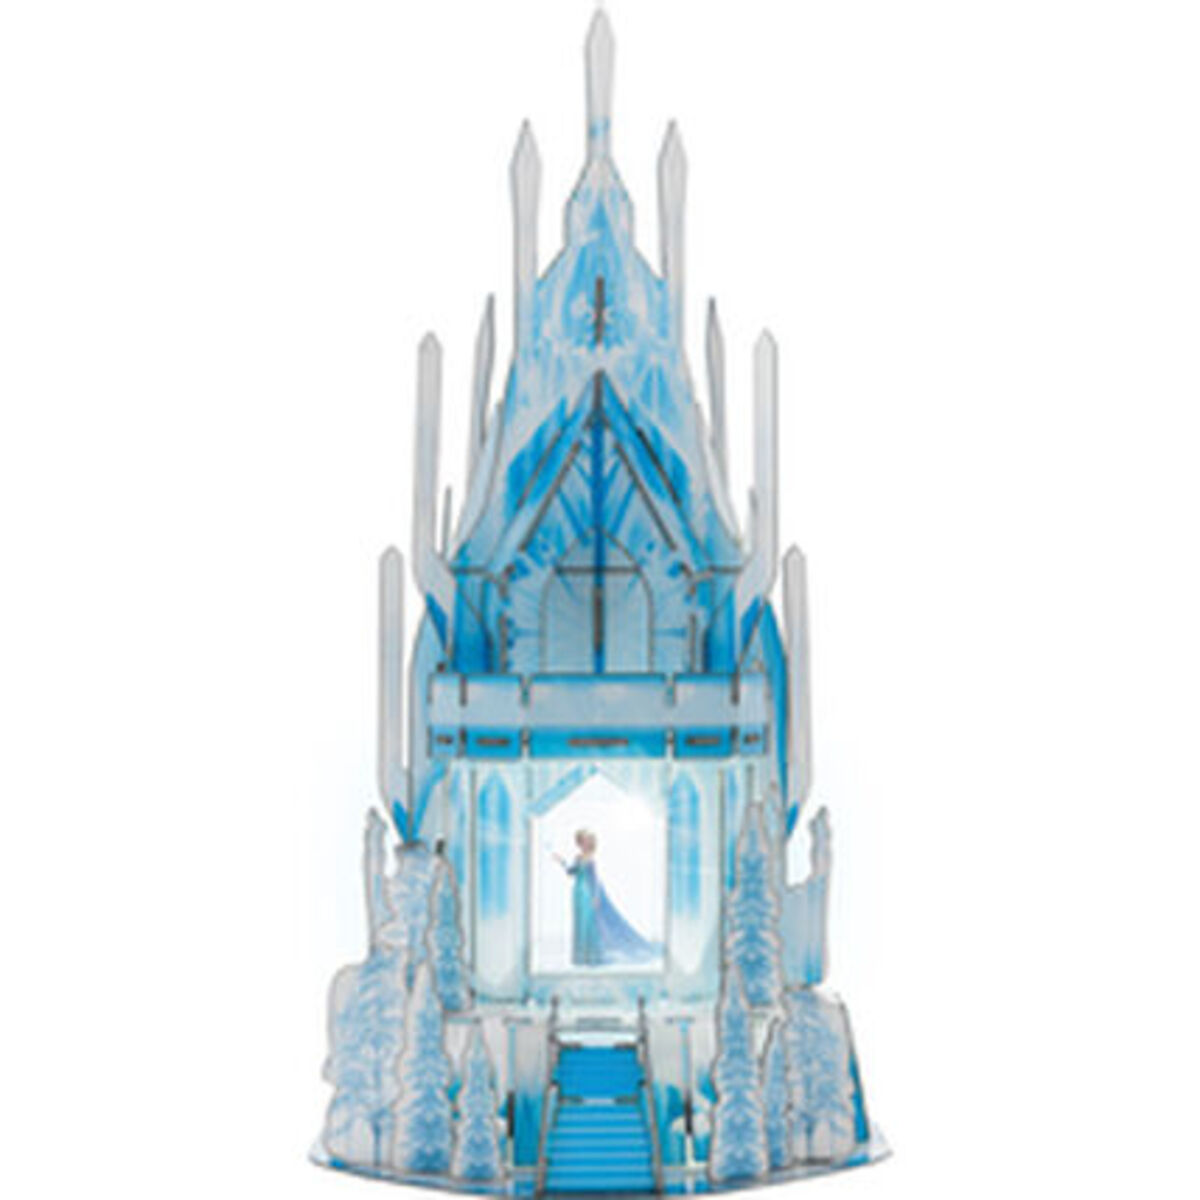 Bild 1 von Spin Master Frozen 2 Eis Palast 3D-Puzzle